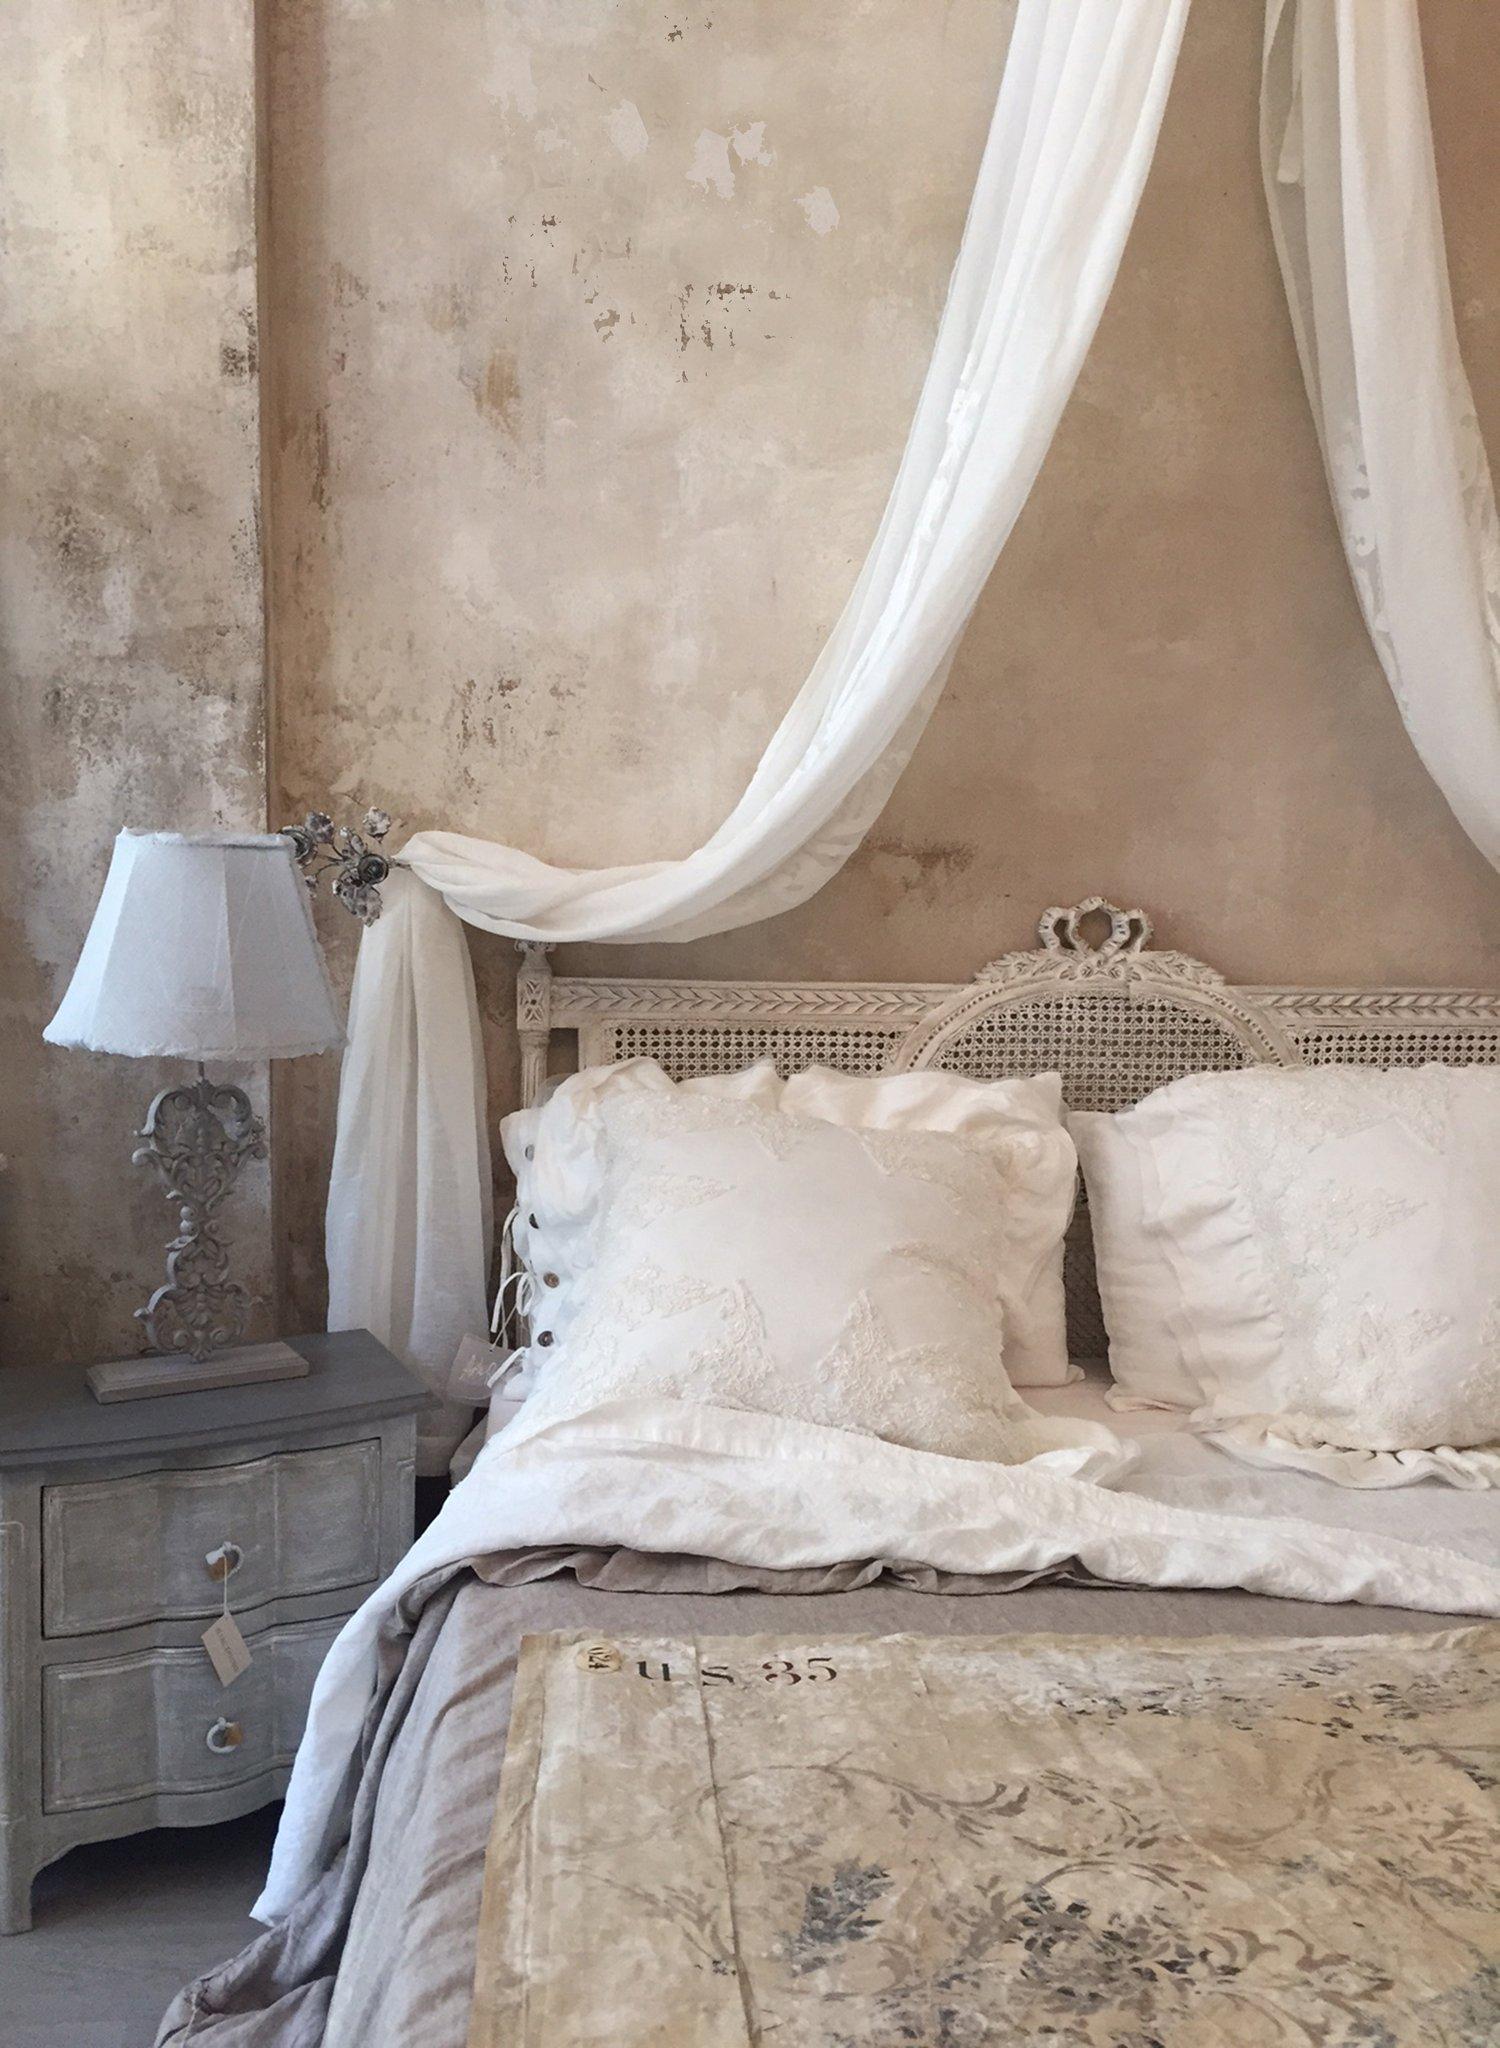 Image of Testata da letto in paglia di Vienna 06d0b6f2253c